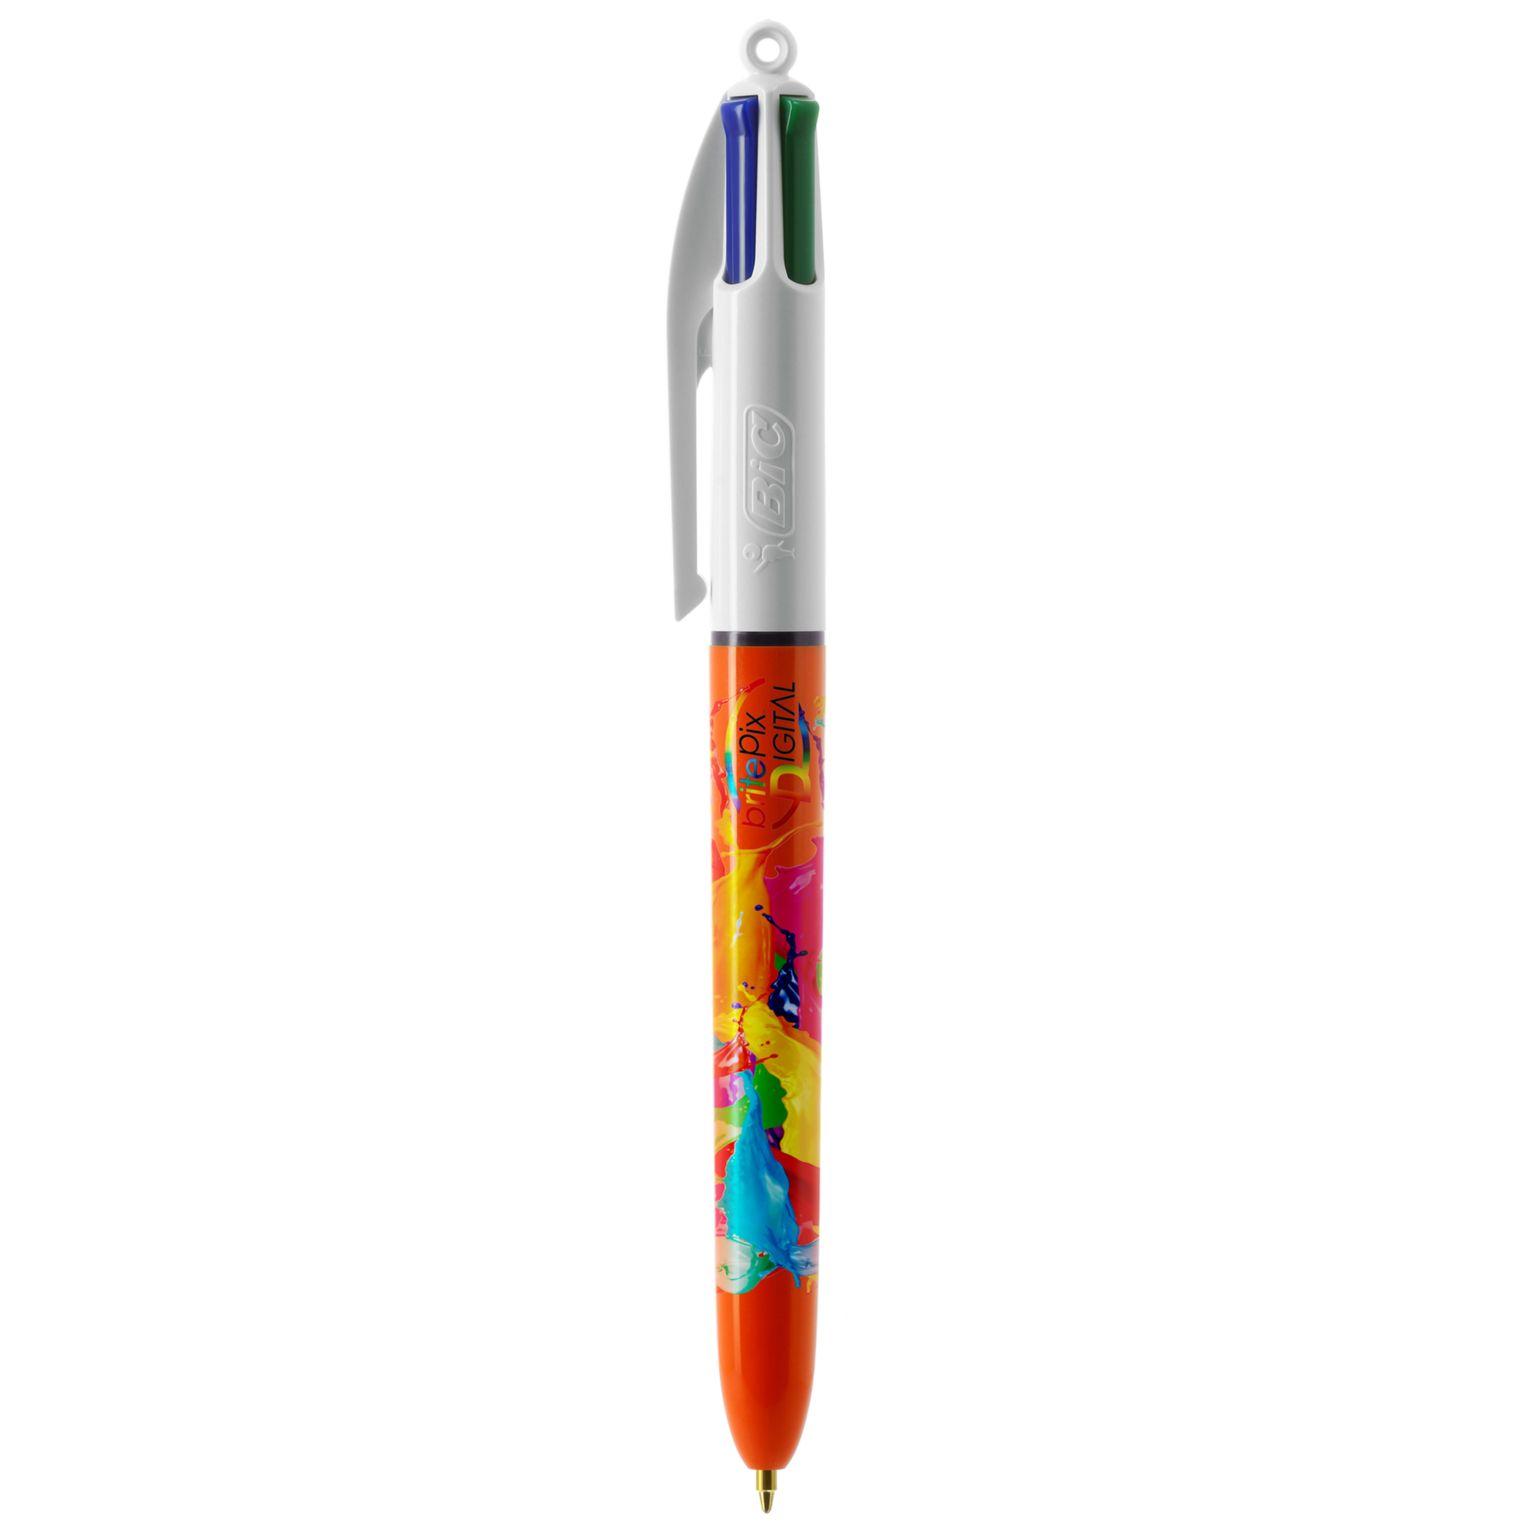 BIC® 4 Colours Fine bille + Lanyard - ISOCOM - OBJETS ET TEXTILES PERSONNALISES - NANTES